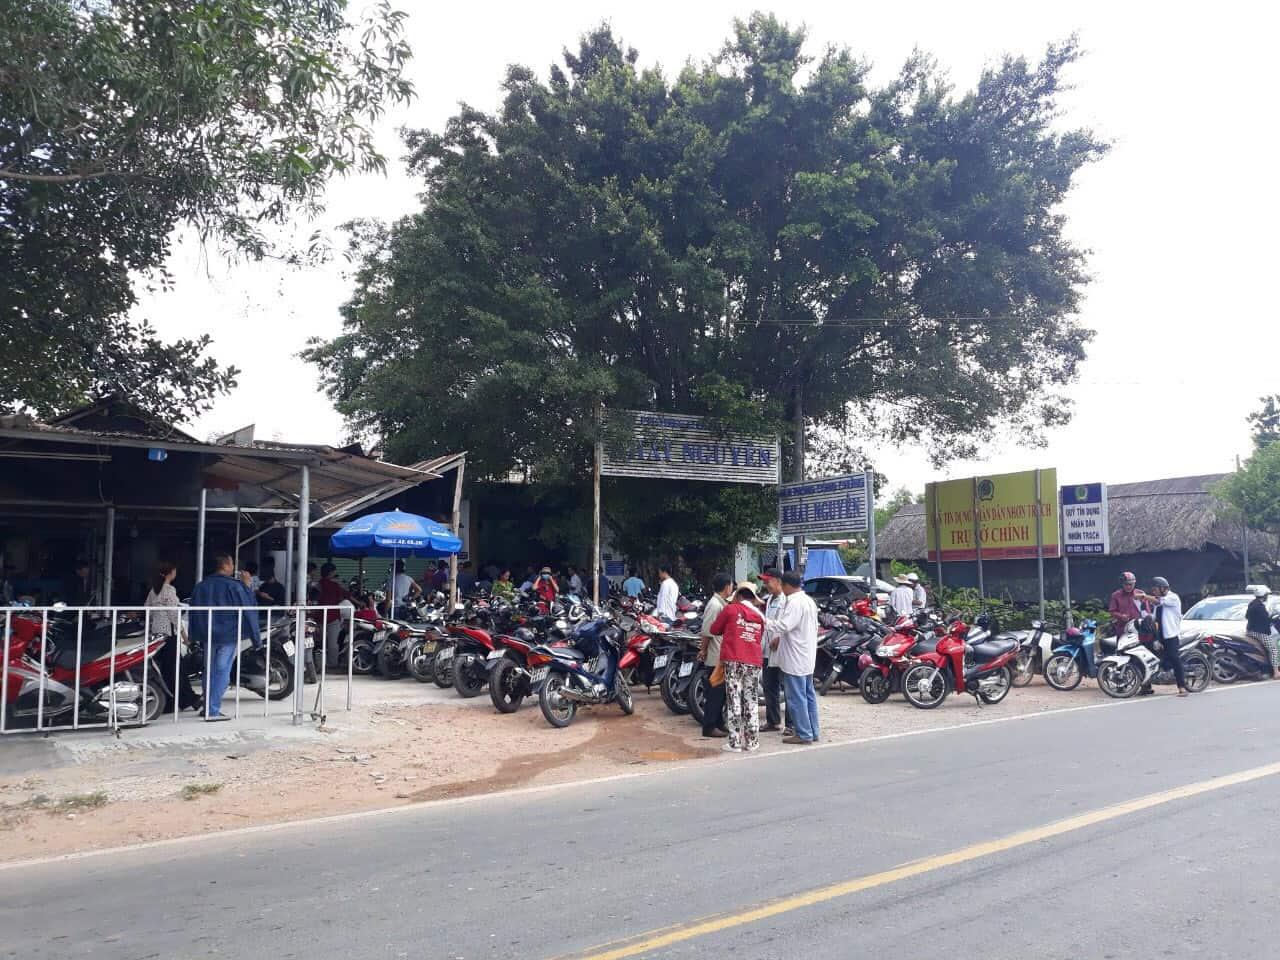 Chỗ để xe kéo dài ra đường tại một phòng công chứng trên địa bàn huyện Nhơn Trạch. Ảnh: Hạ Vy